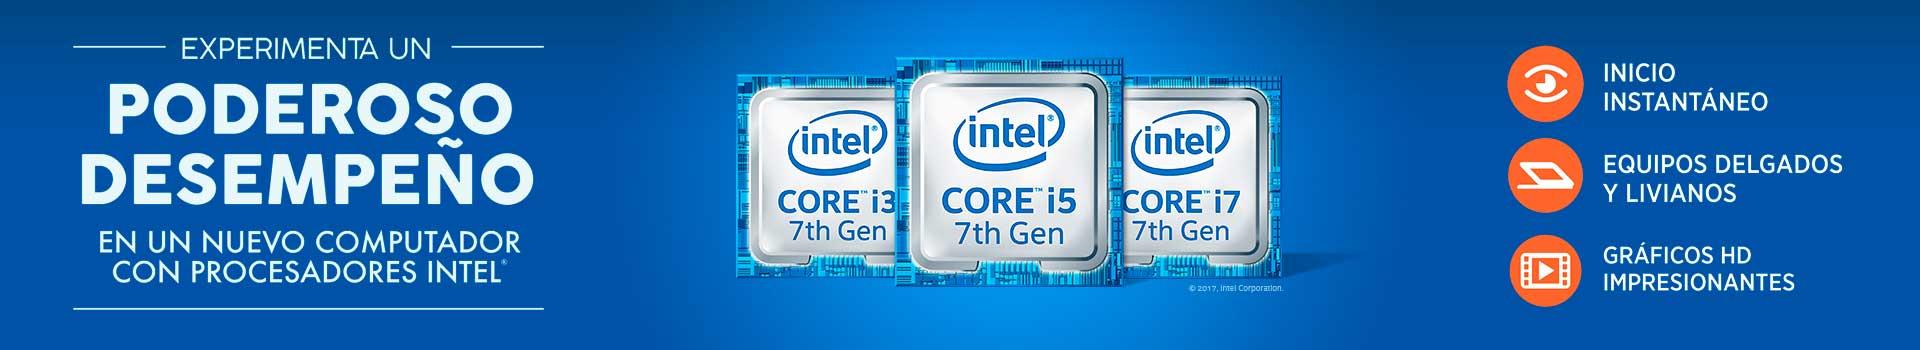 CAT AK INF - Procesador Intel 7ma generación - Jun 21